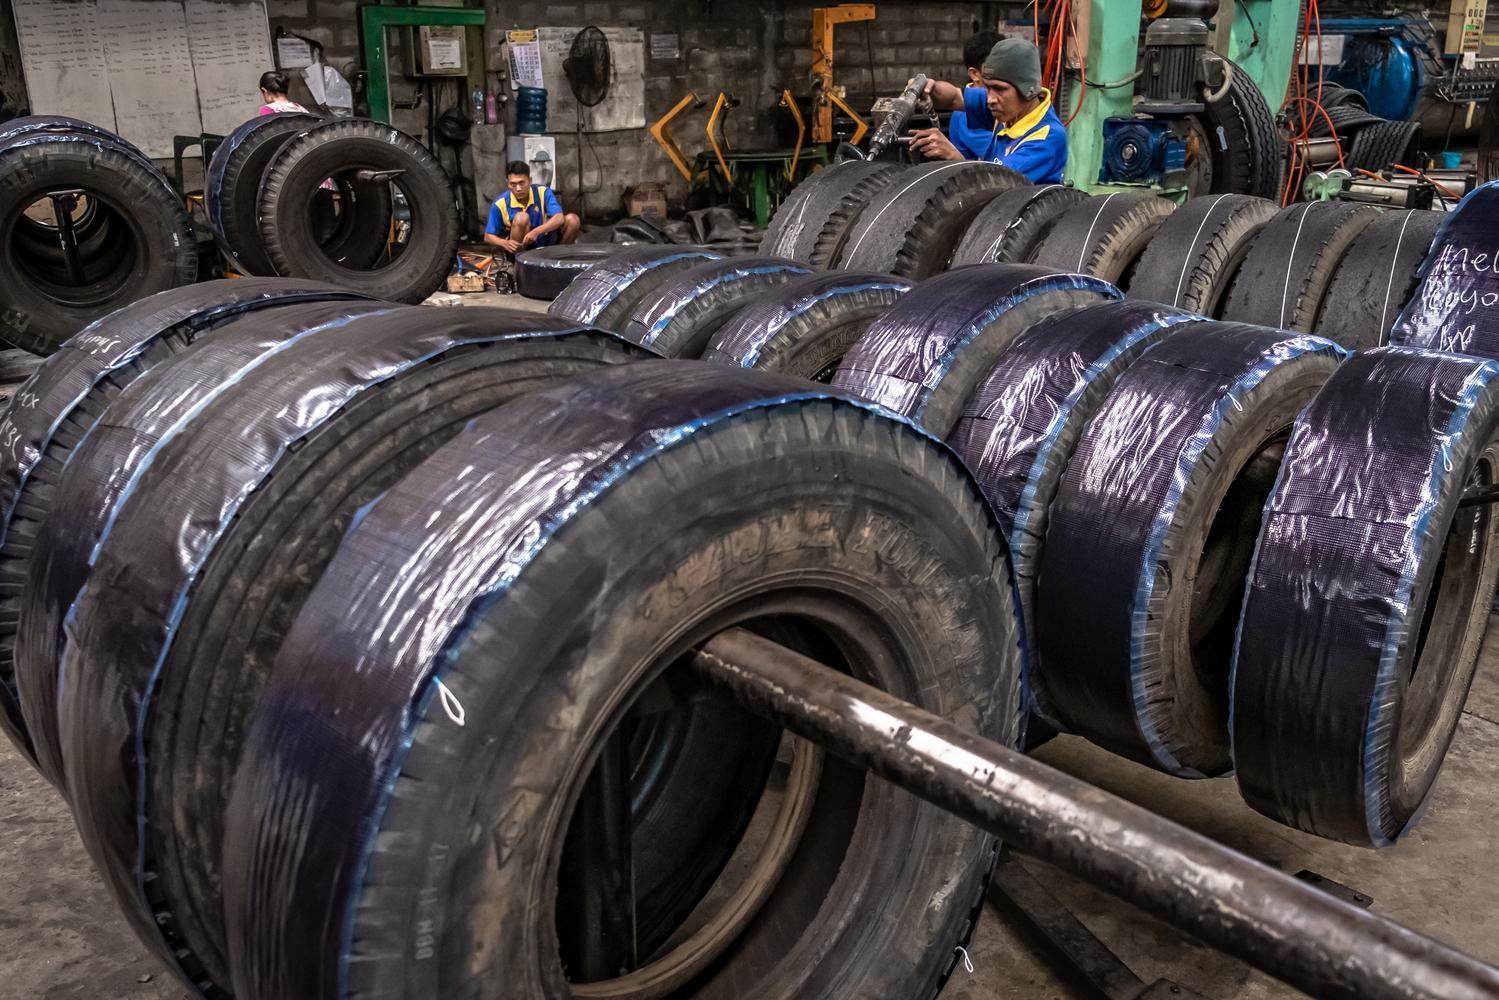 ilustrasi beberapa pekerja di pabrik ban vulkanisir. Perusahaan serat karbon hitam (black carbon) PT Cabot Indonesia meralisasikan investasi Rp 1,3 triliun untuk membangun pabrik bahan baku ban di Cilegon, Banten.